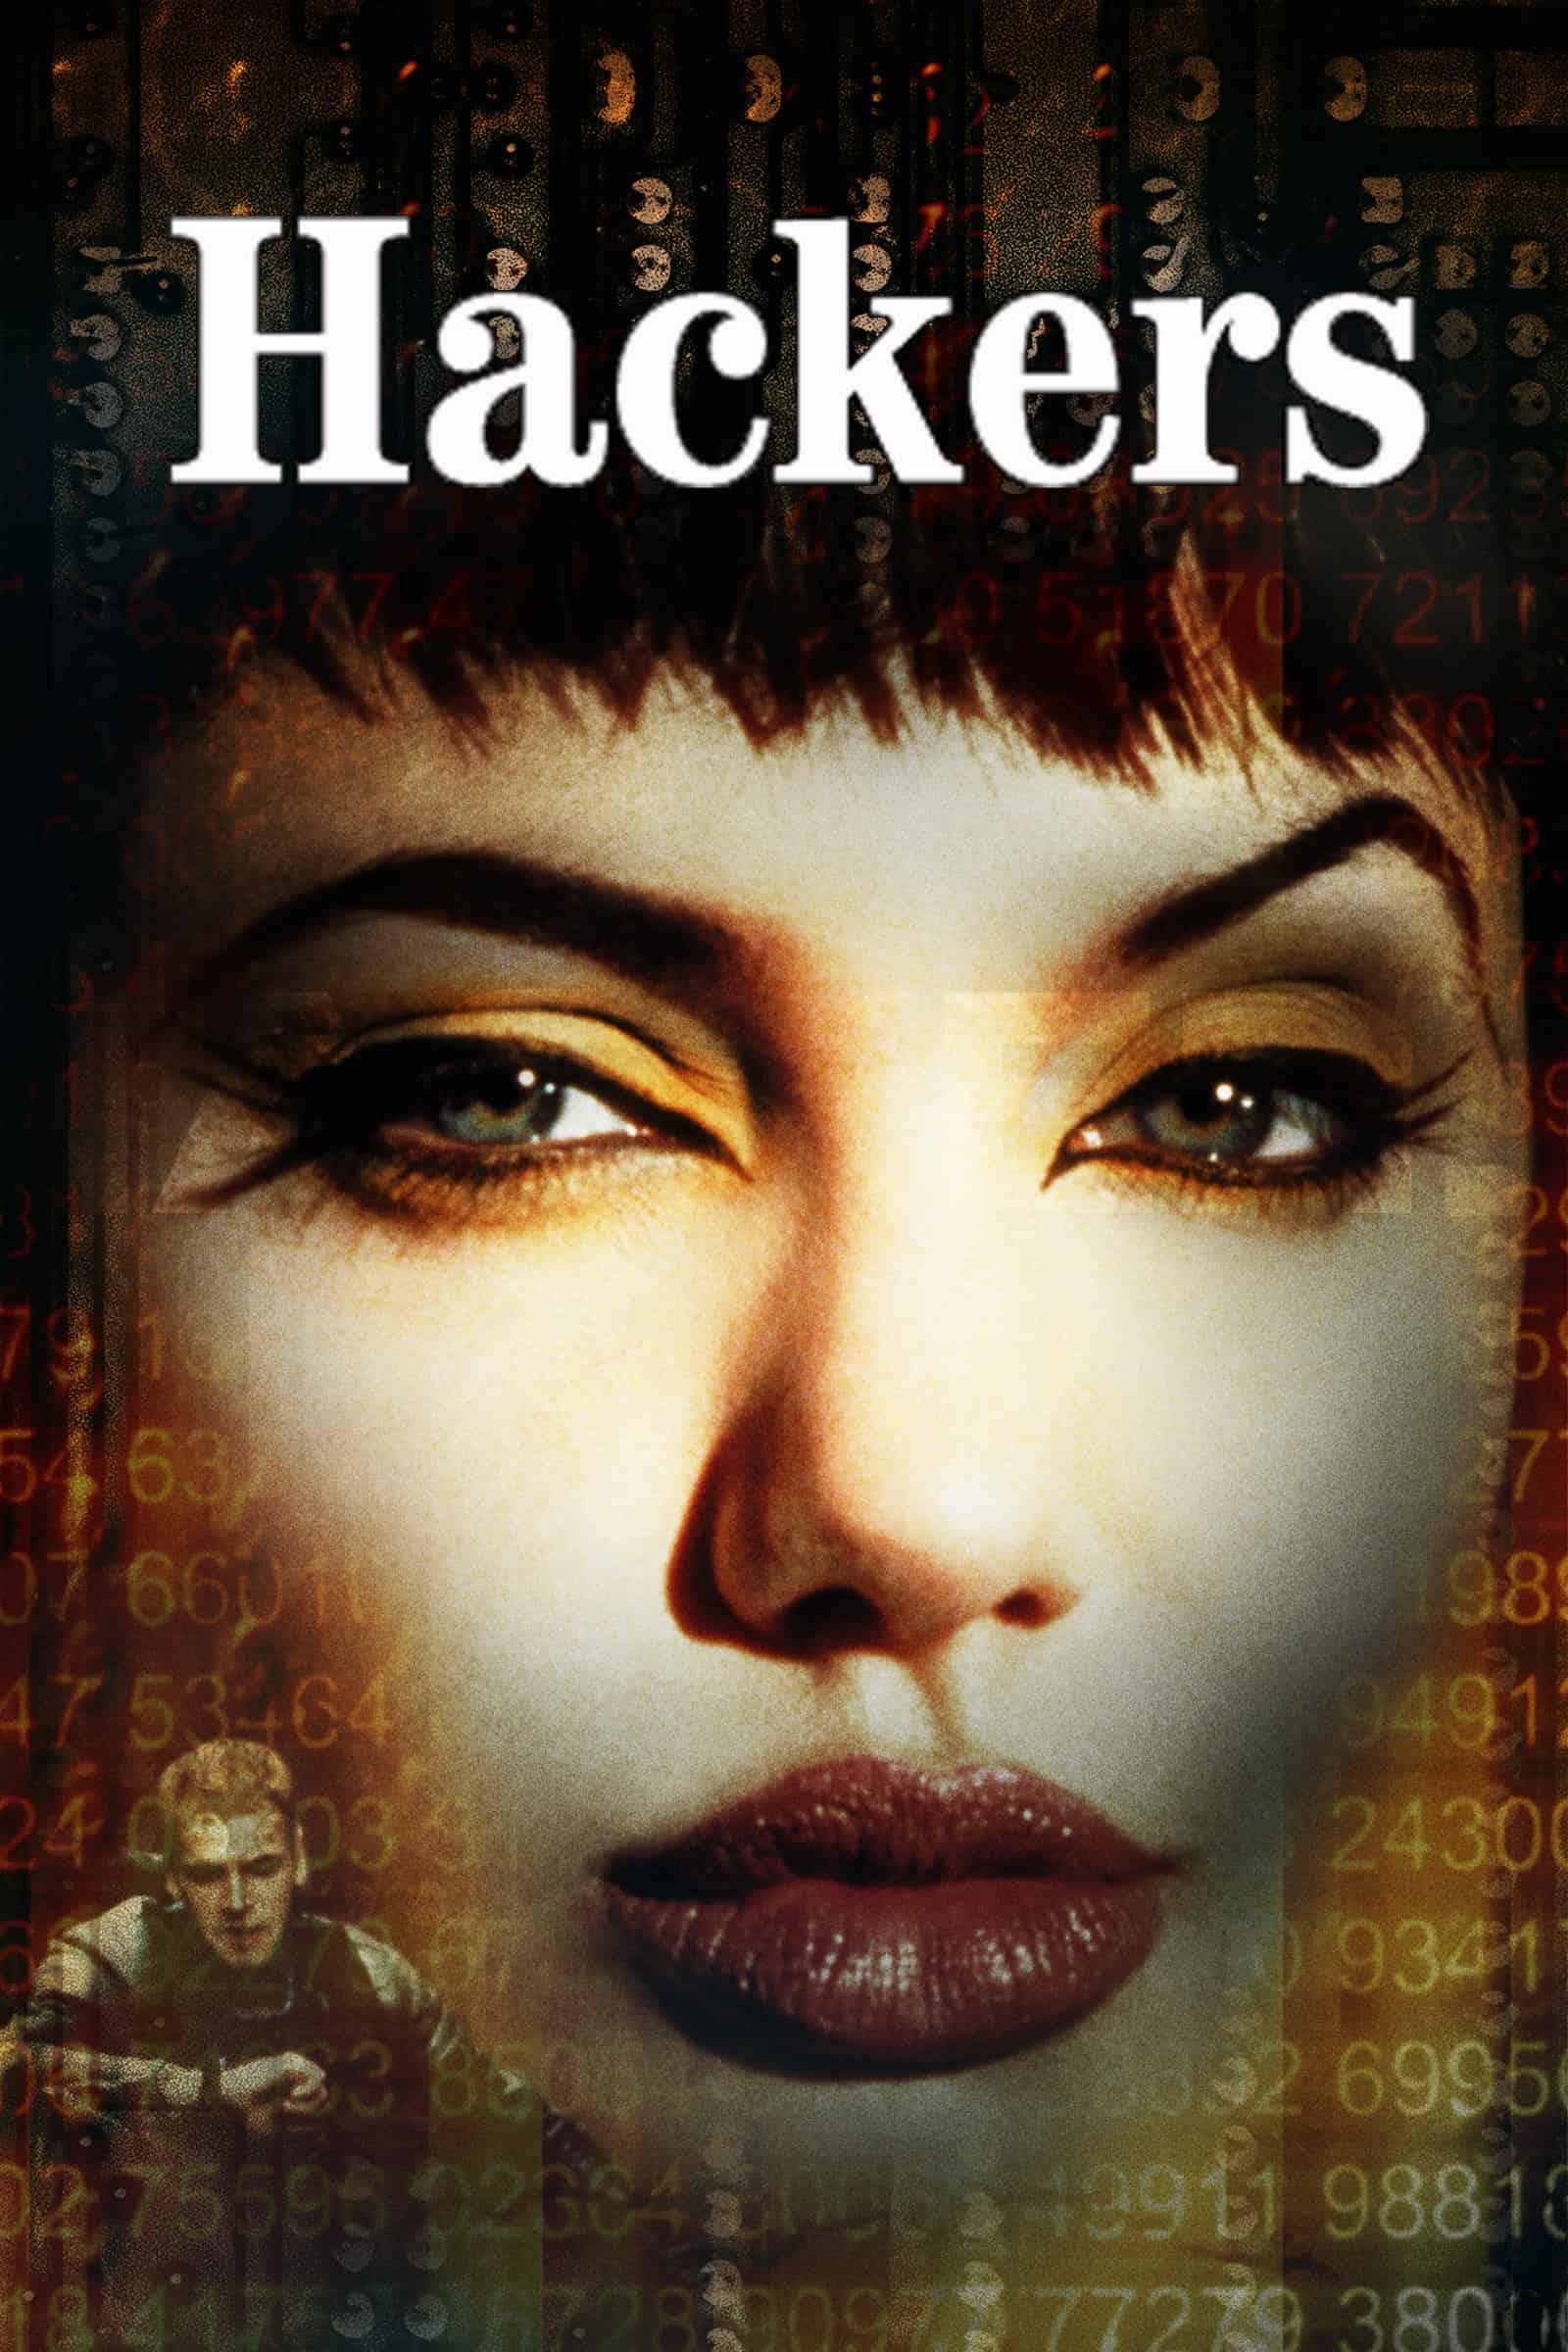 Hackers, 1995